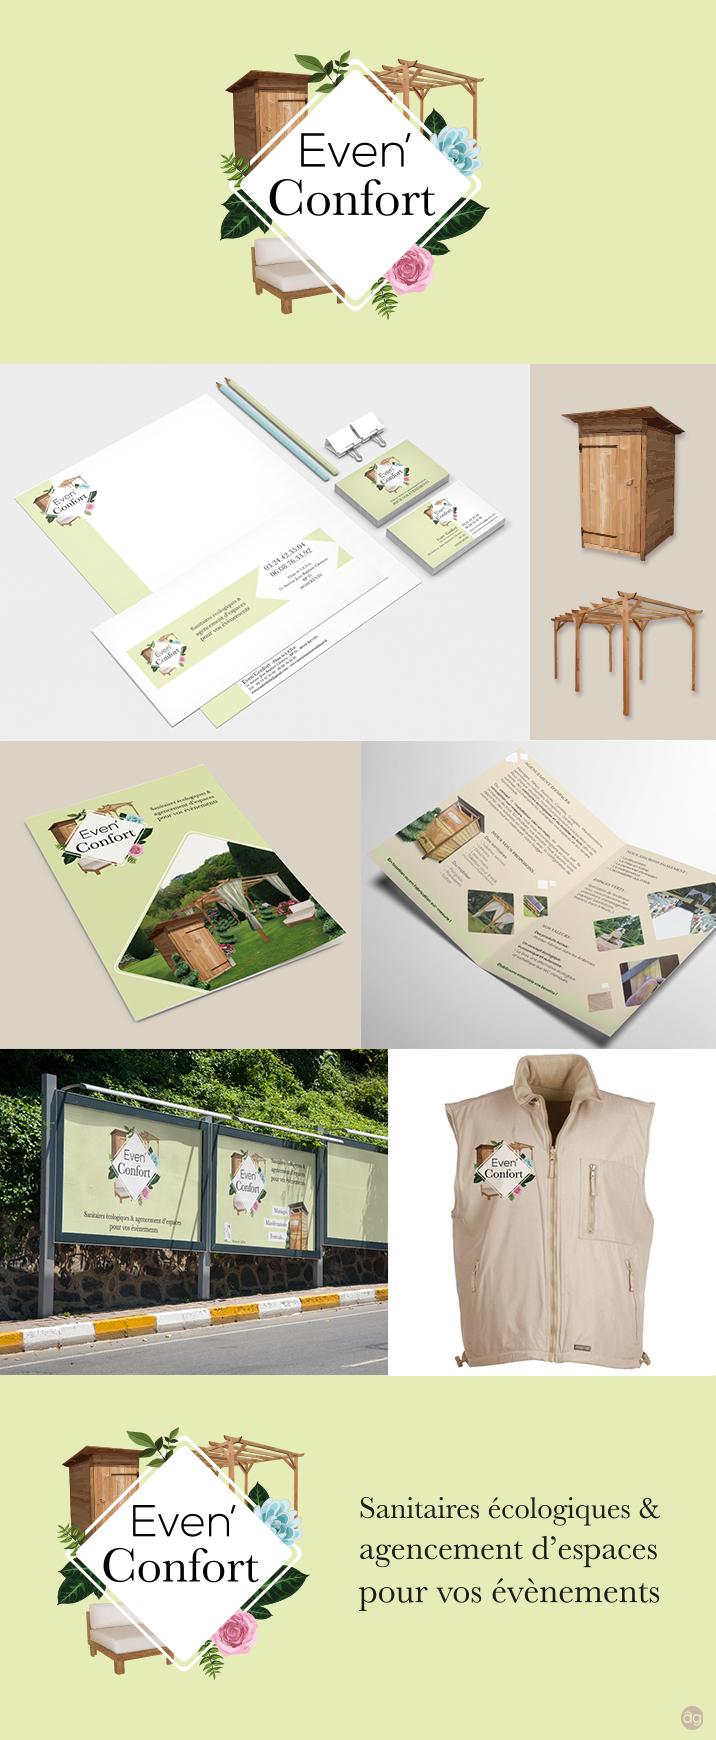 Charte graphique complète pour Even'Confort - Toilettes sèches et agencement d'espace